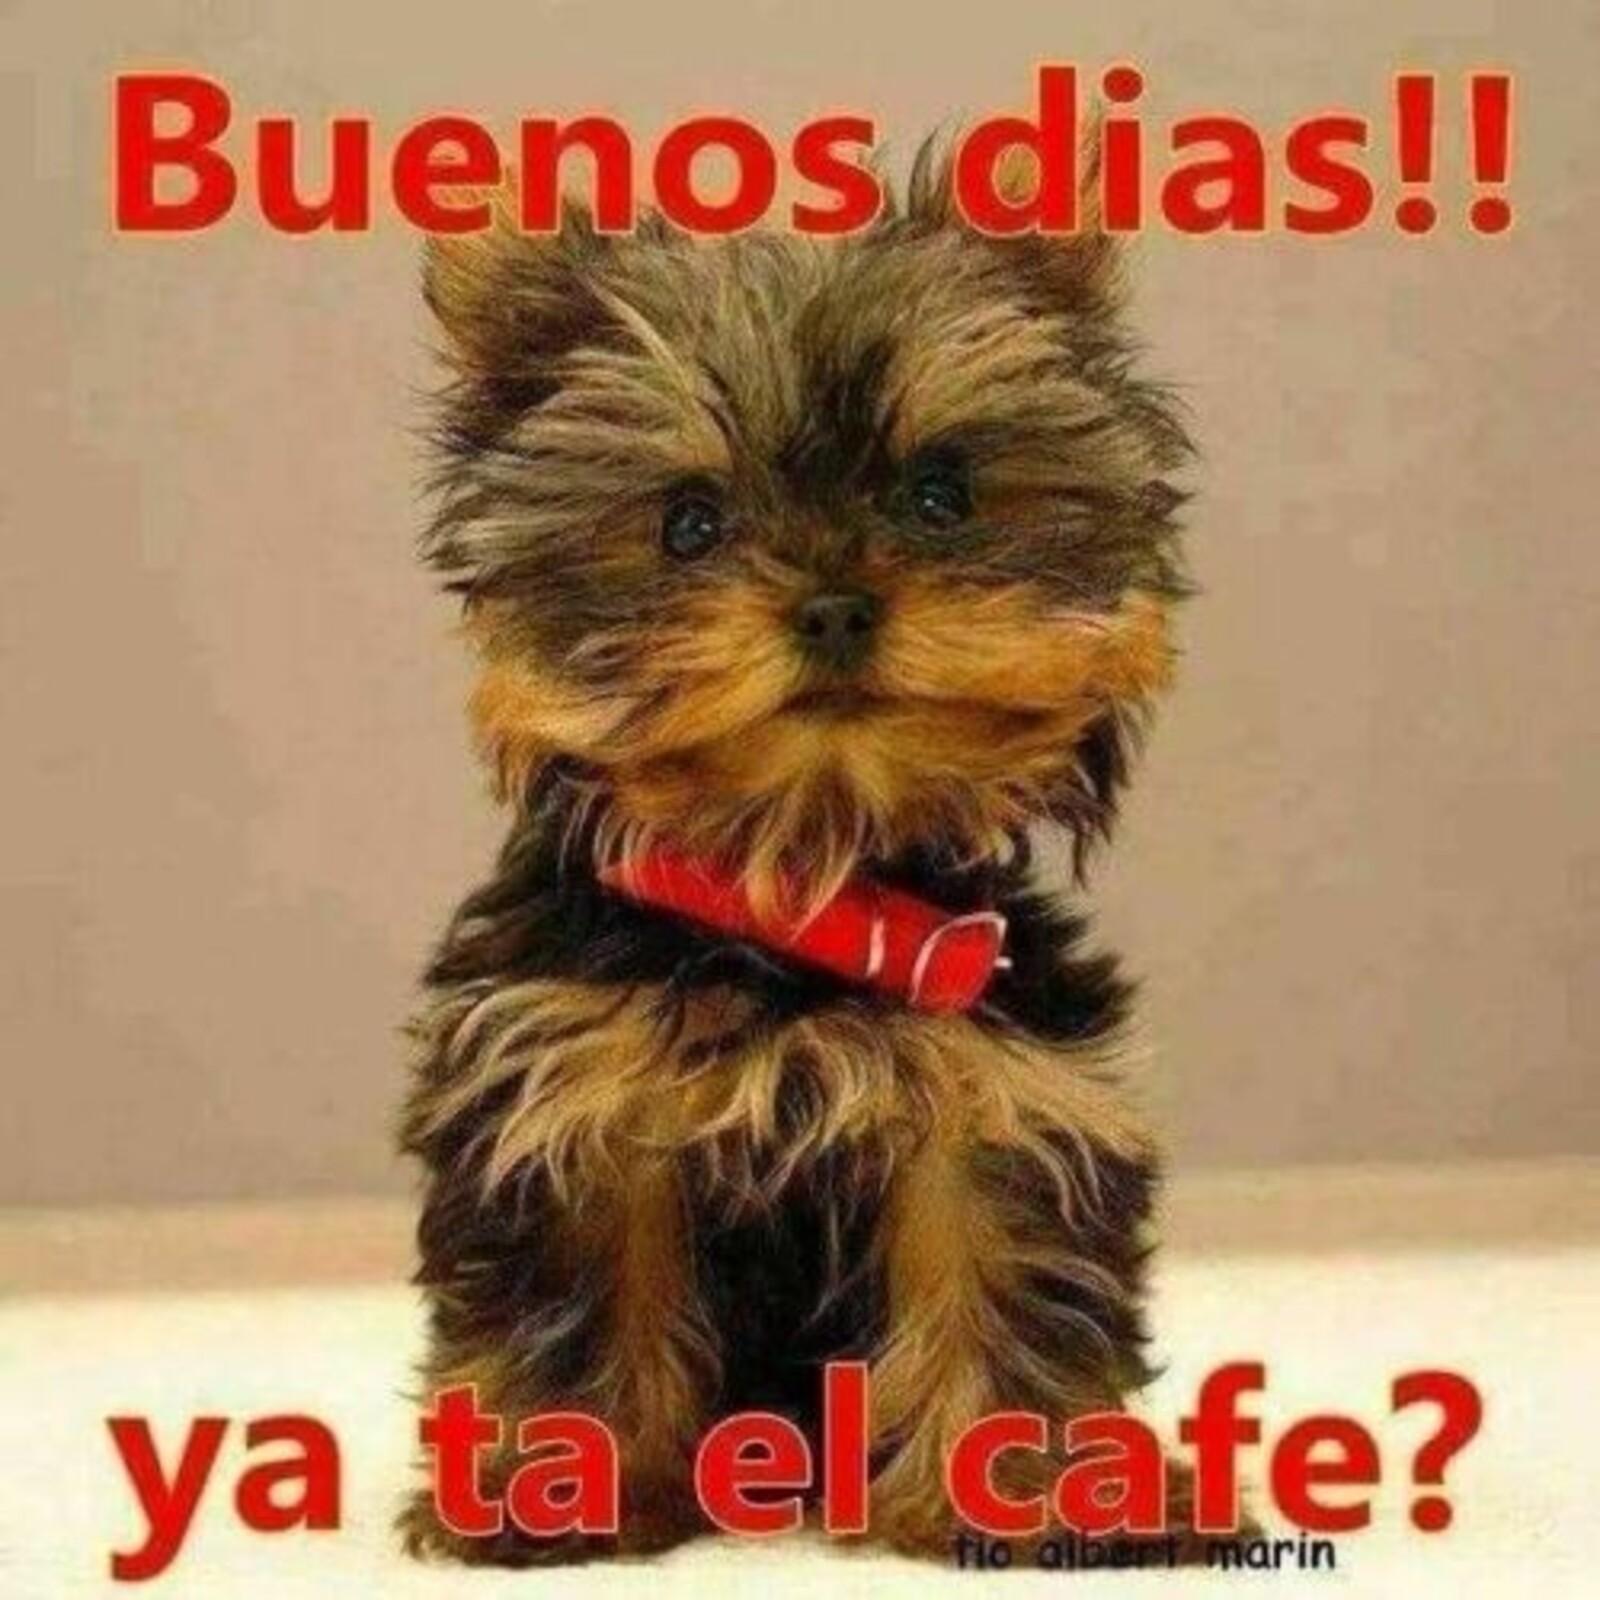 Buenos días!! ya ta el café?